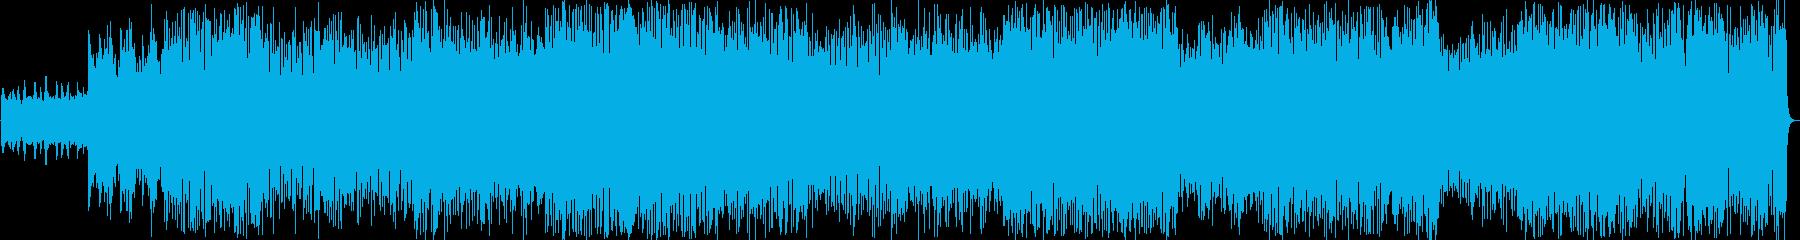 アップテンポのクリスマスポップスの再生済みの波形